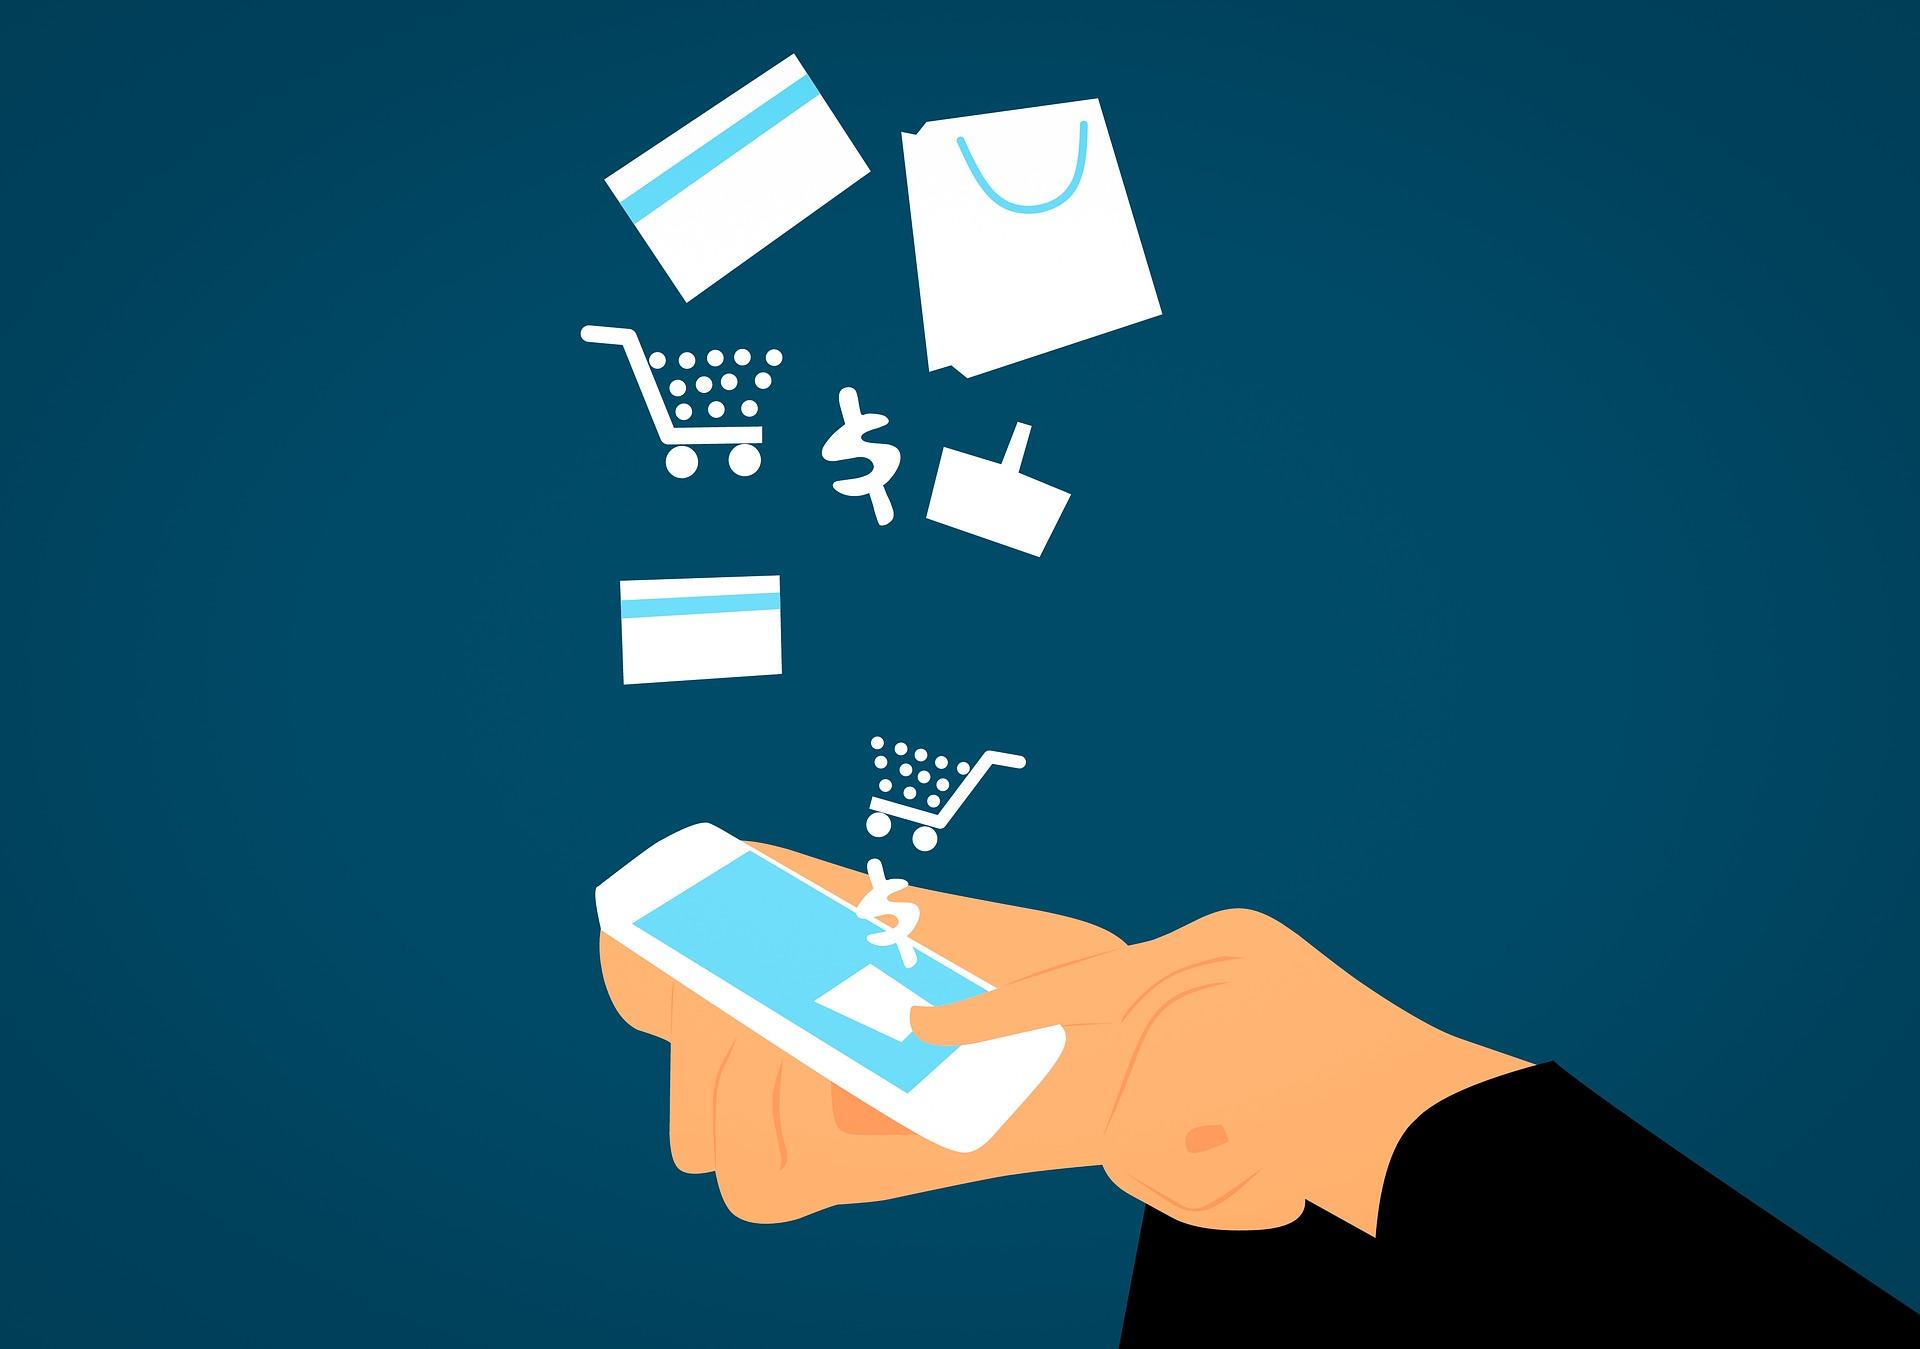 политика конфиденциальности интернет-магазина и договора для коммерческих площадок